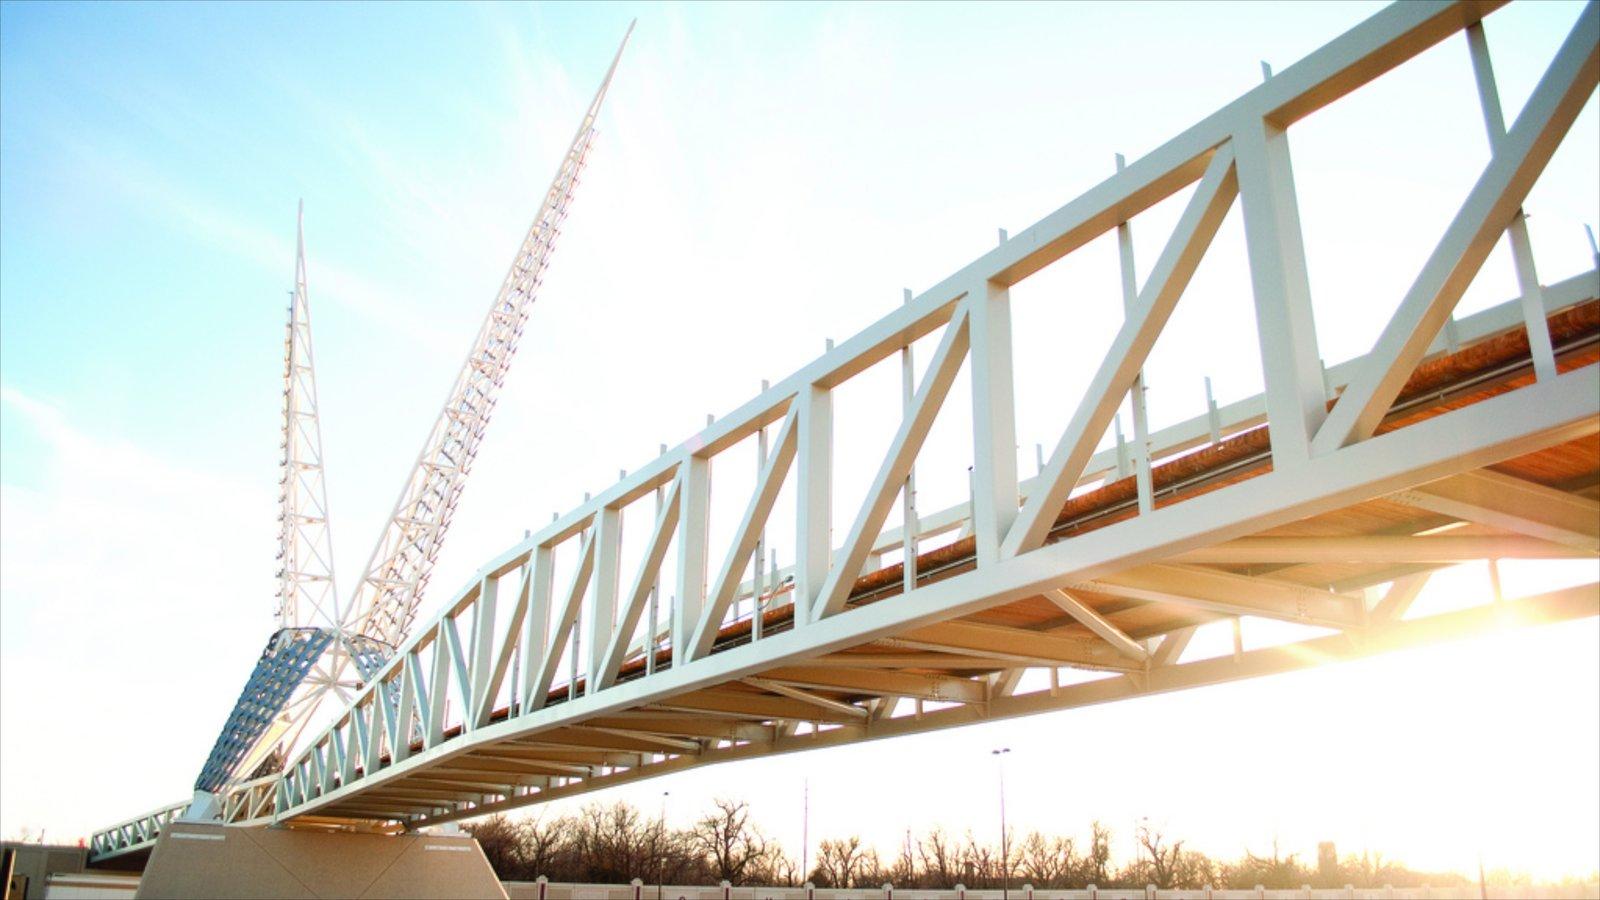 Oklahoma City ofreciendo un puente y arquitectura moderna